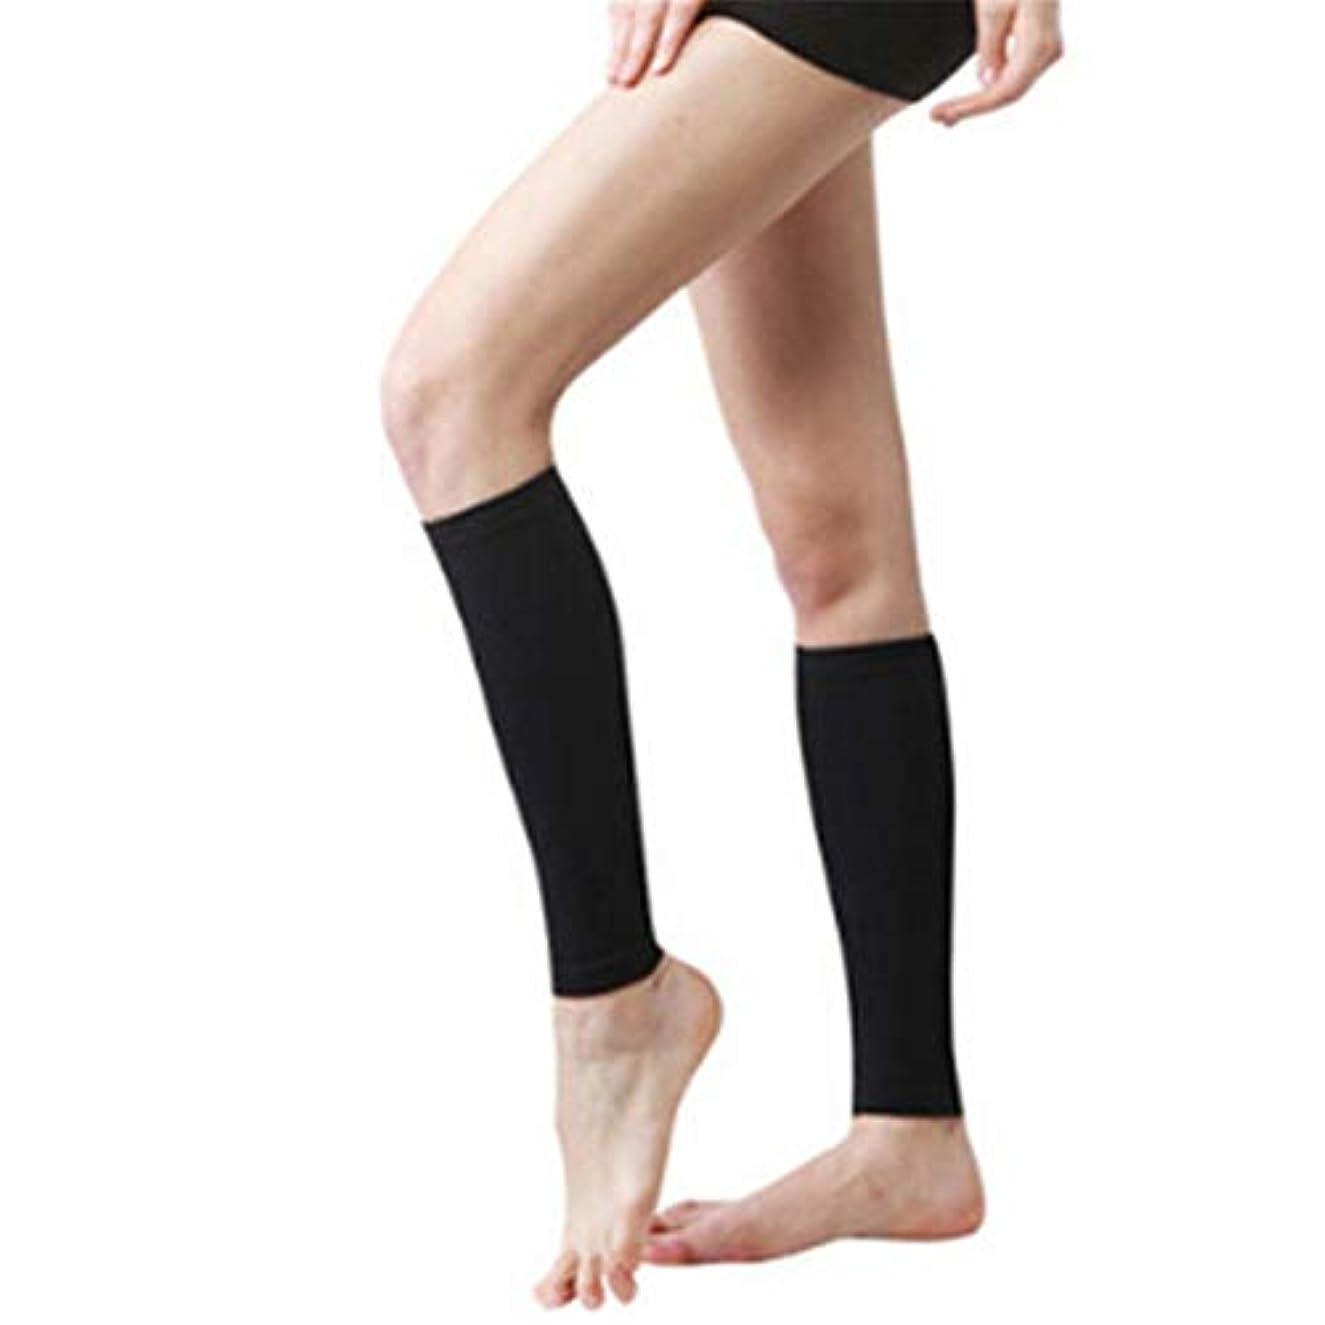 ワイヤー合計市場Toporchid 女性の脚スリム圧縮ストレッチスリーブは、長い靴下の形成を防ぐジムフィットネスボディビルディング脚保護ツール(黒)